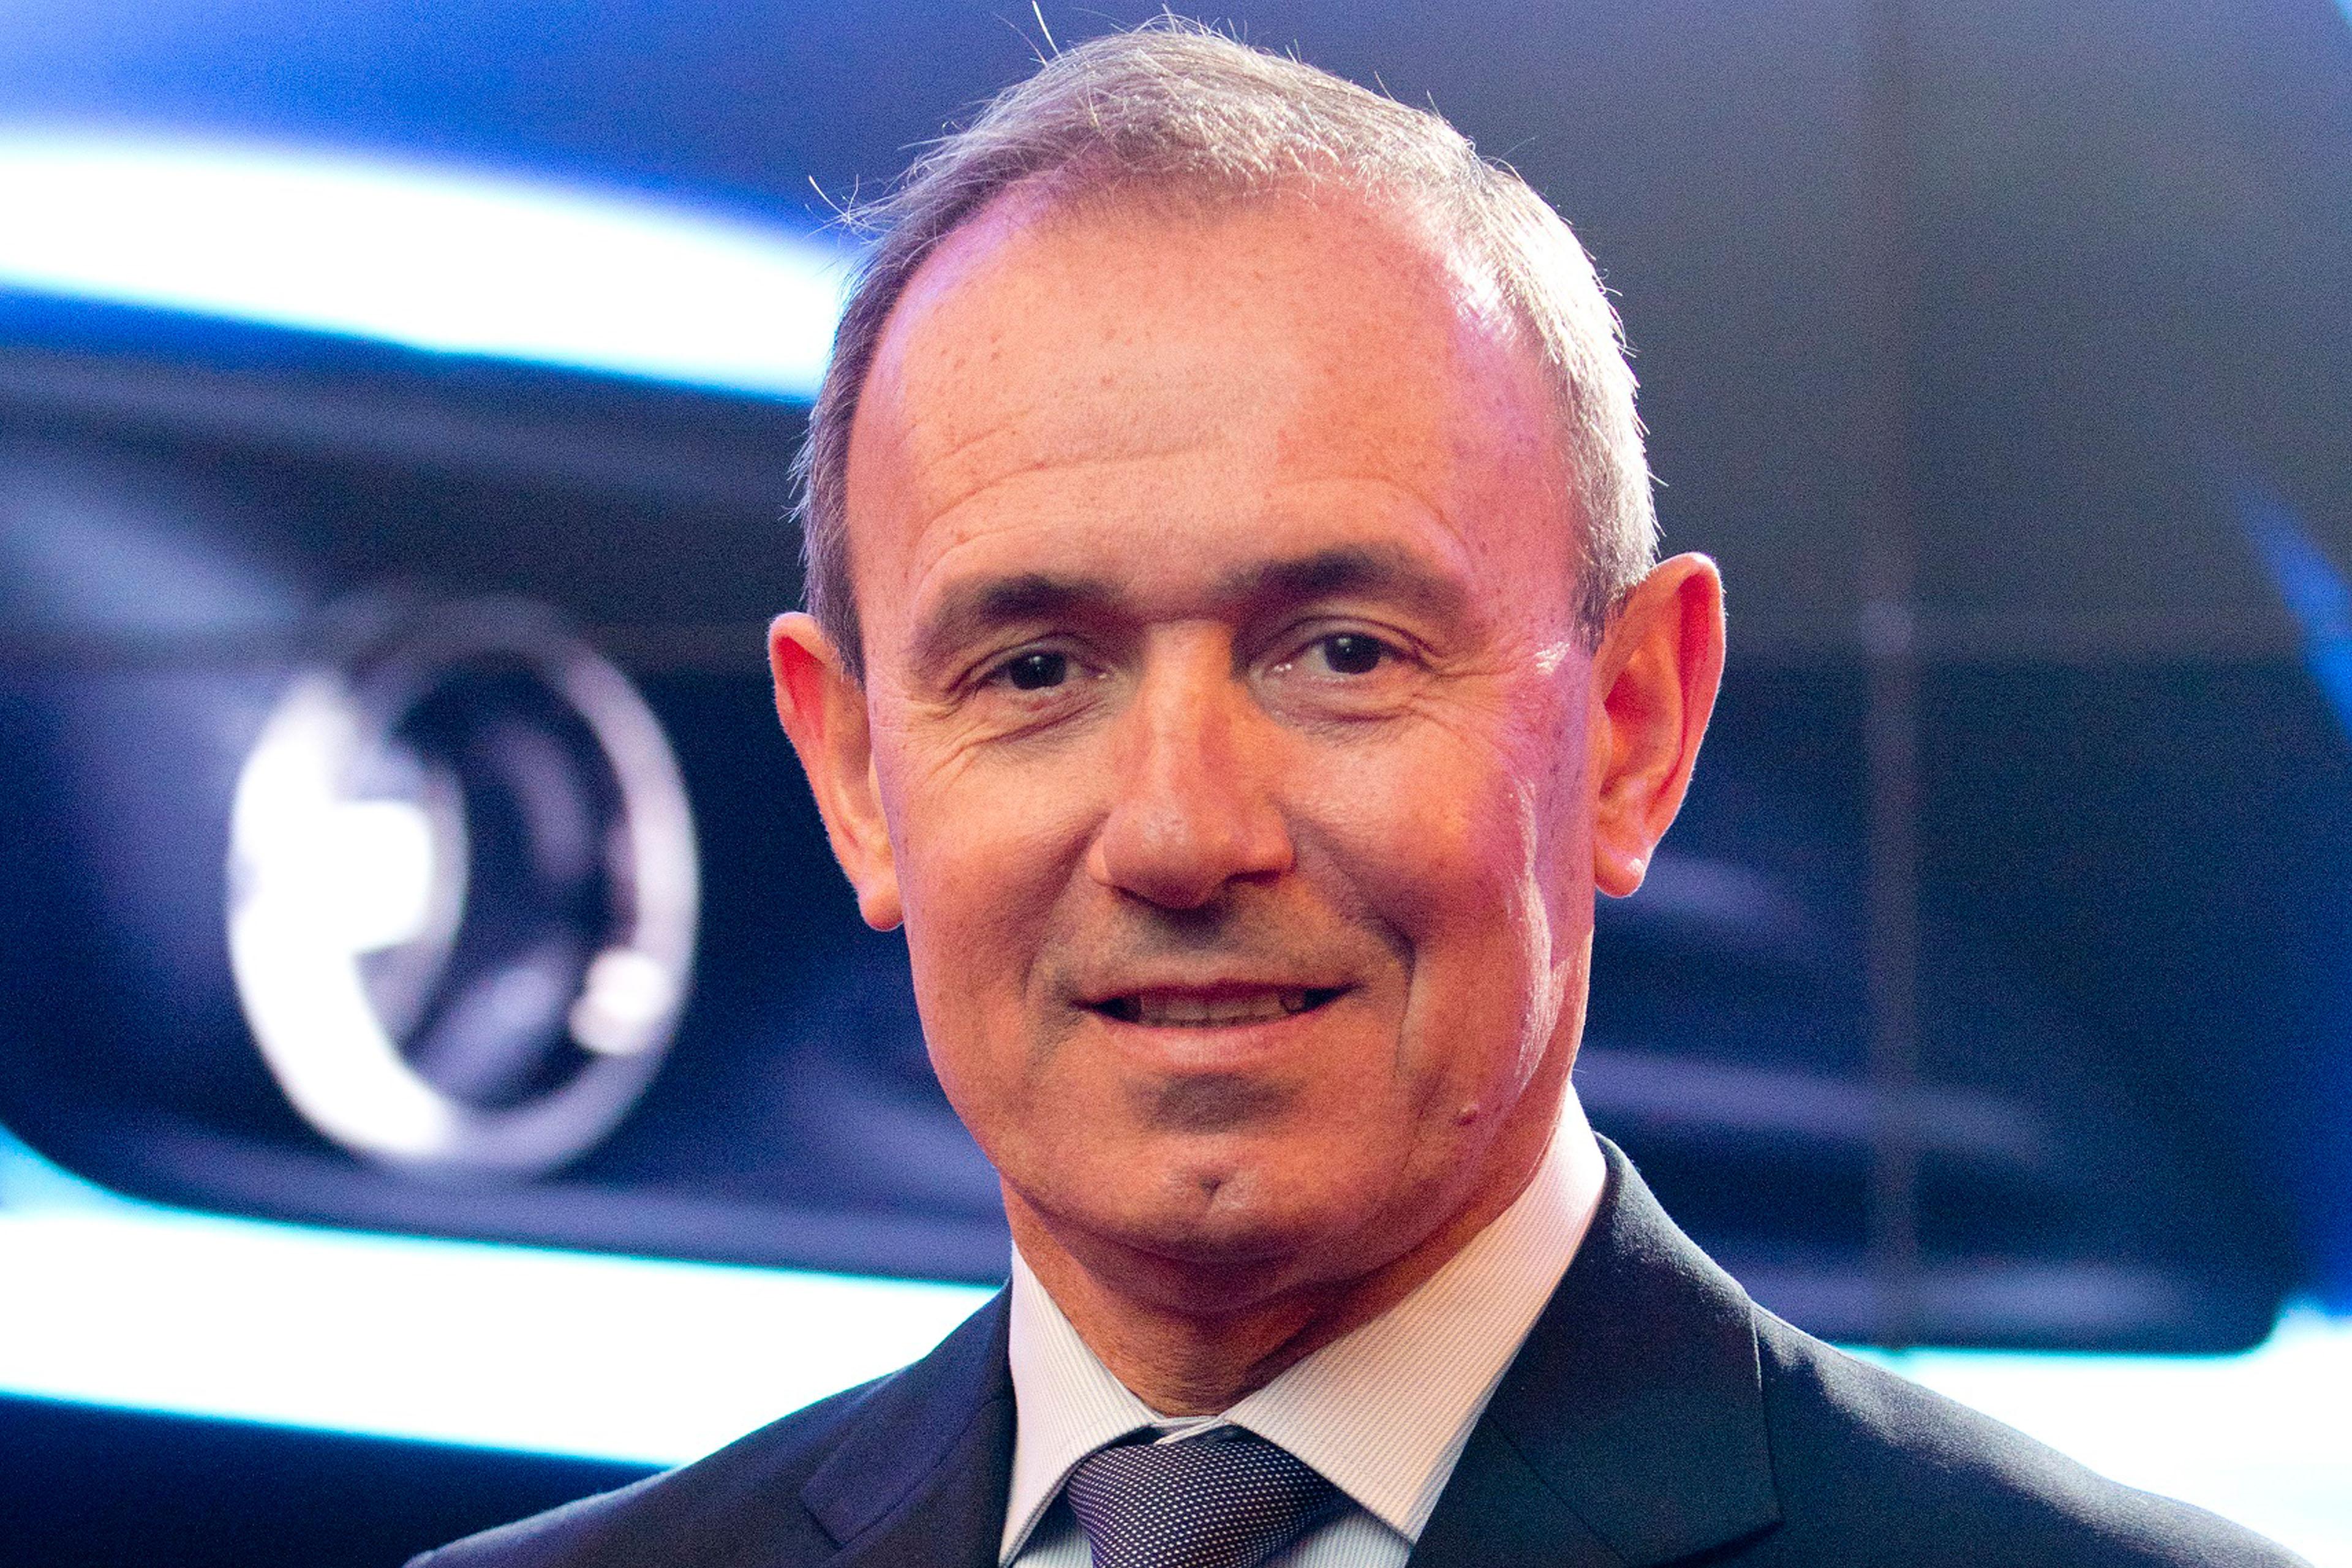 Enrique Alemañy